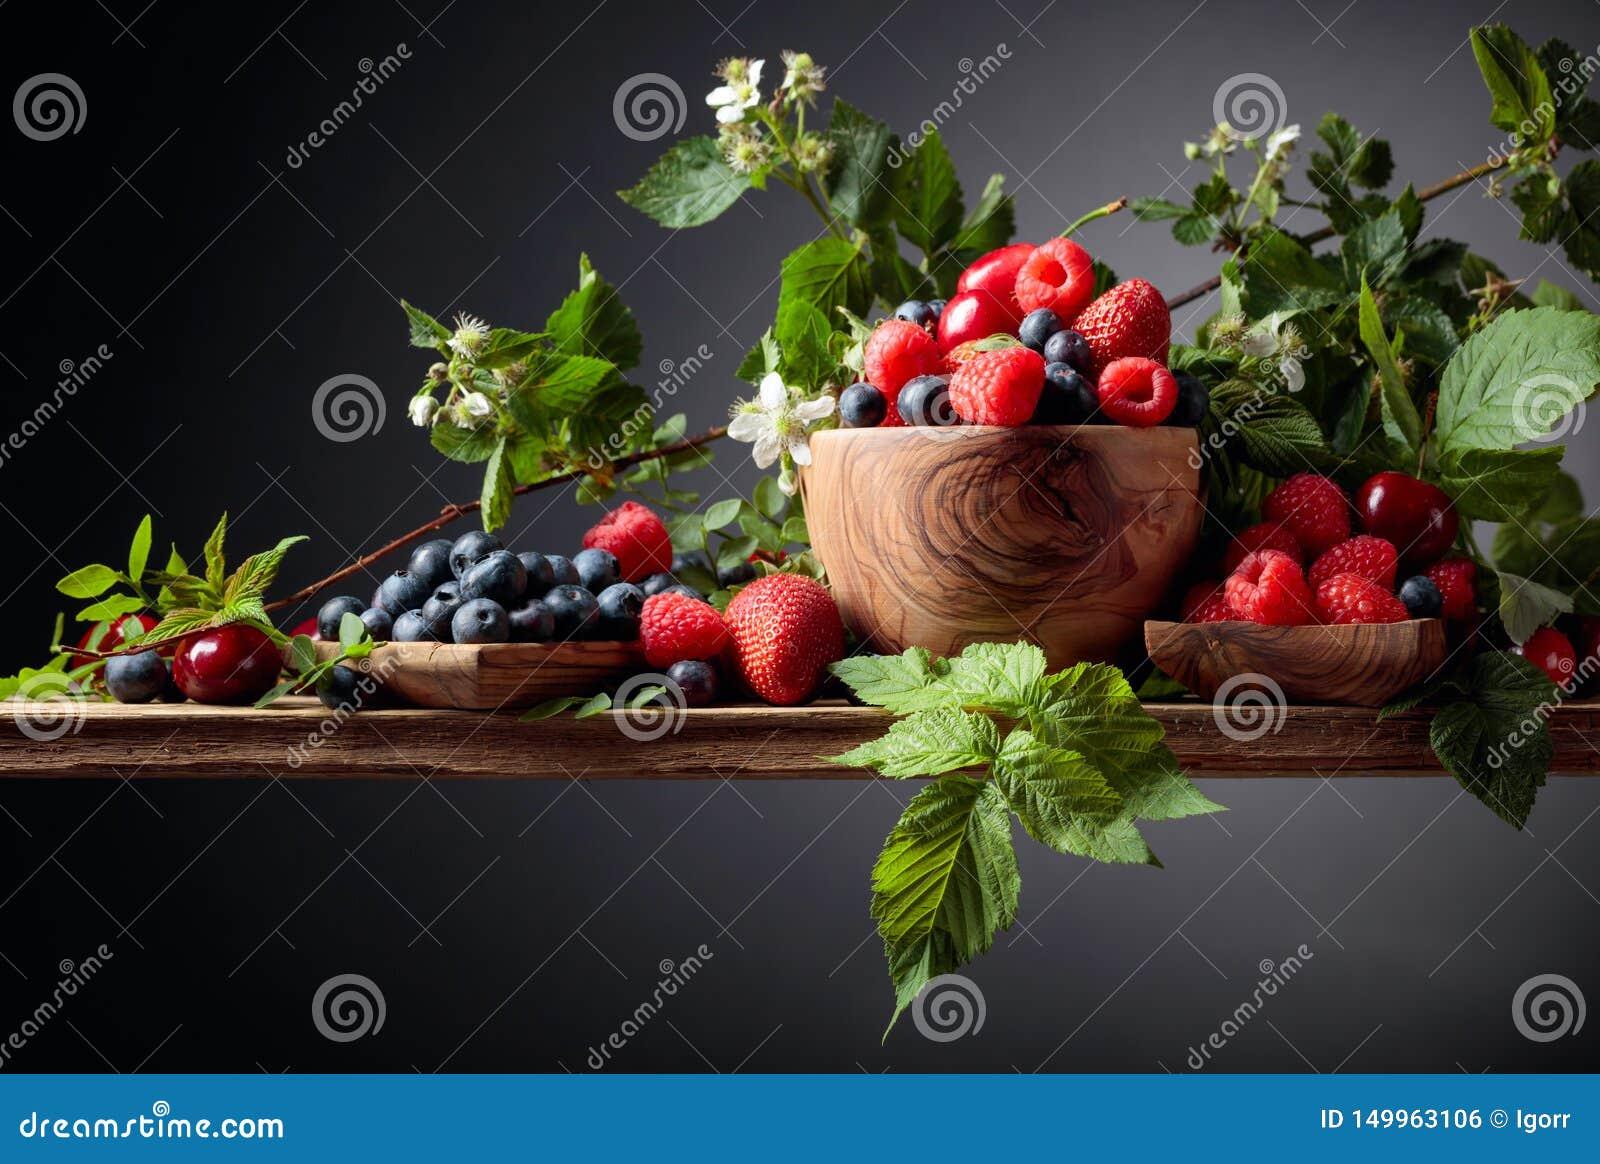 Ζωηρόχρωμο ανάμεικτο μίγμα κινηματογραφήσεων σε πρώτο πλάνο μούρων της φράουλας, του βακκινίου, του σμέουρου και του γλυκού κερασ